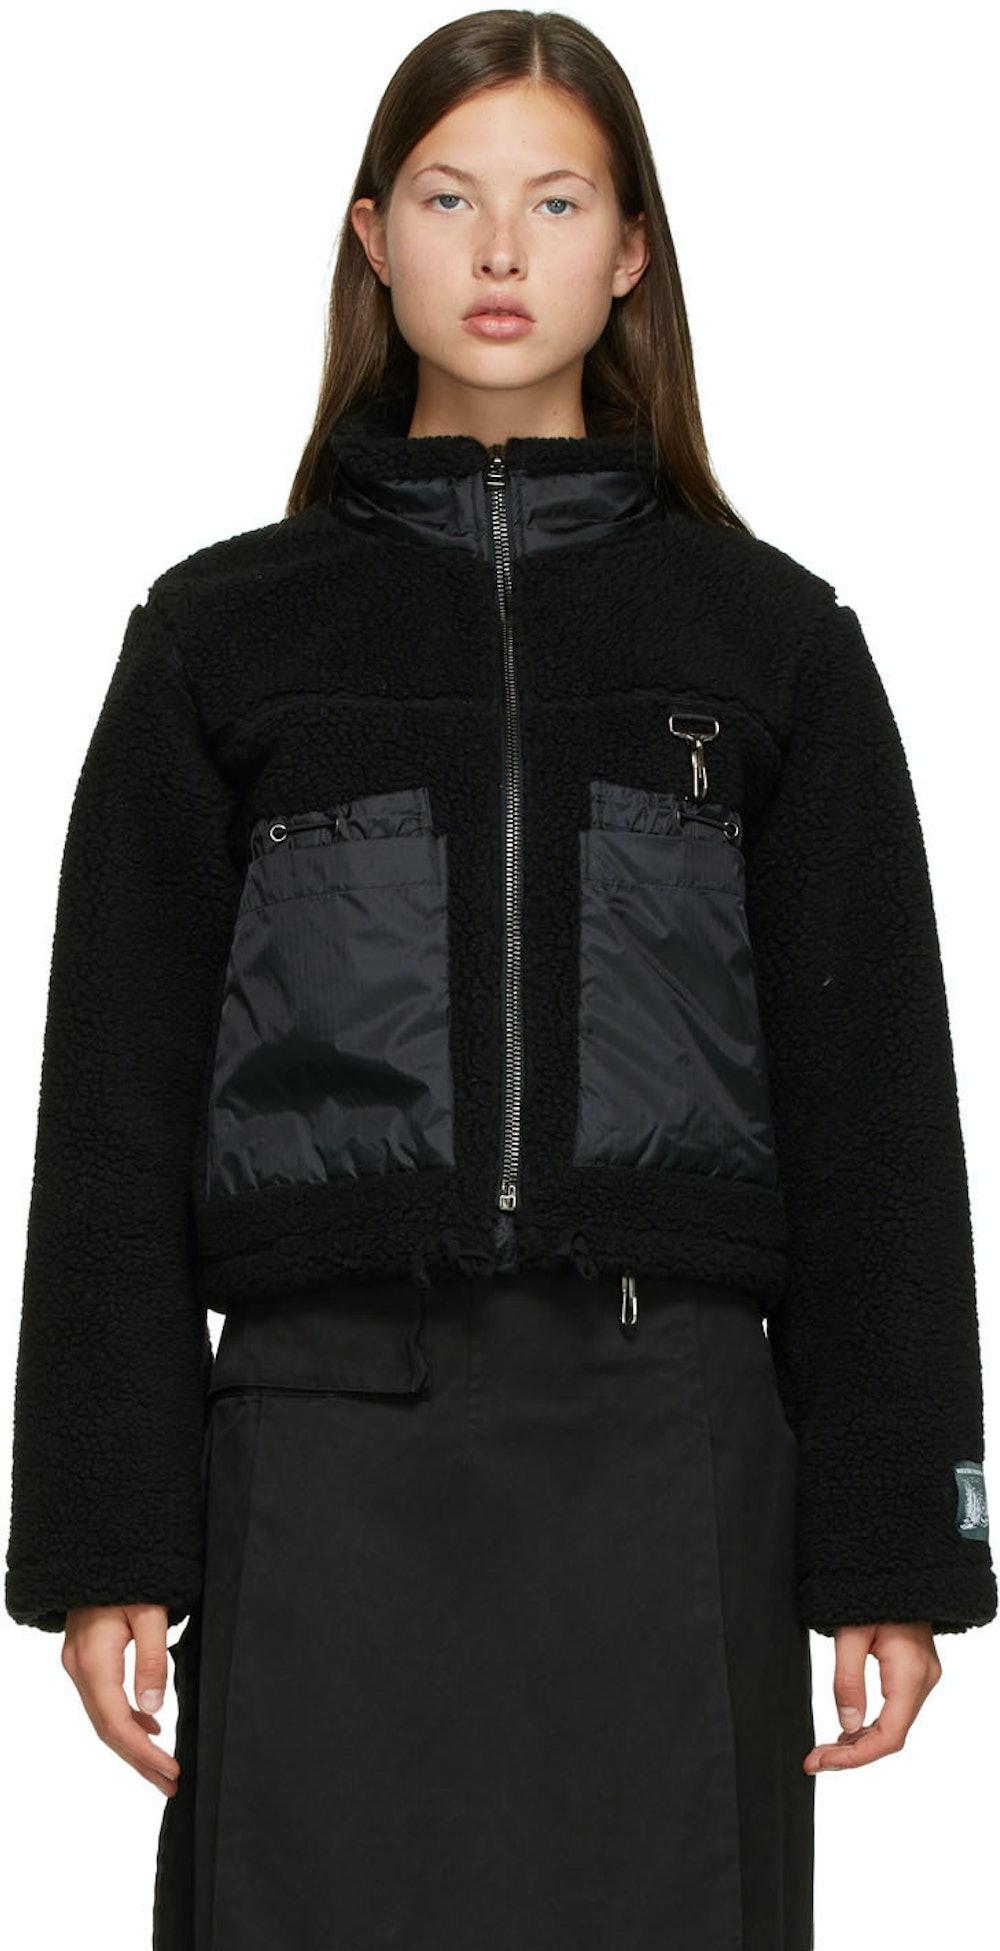 Black Sherpa Fleece Jacket